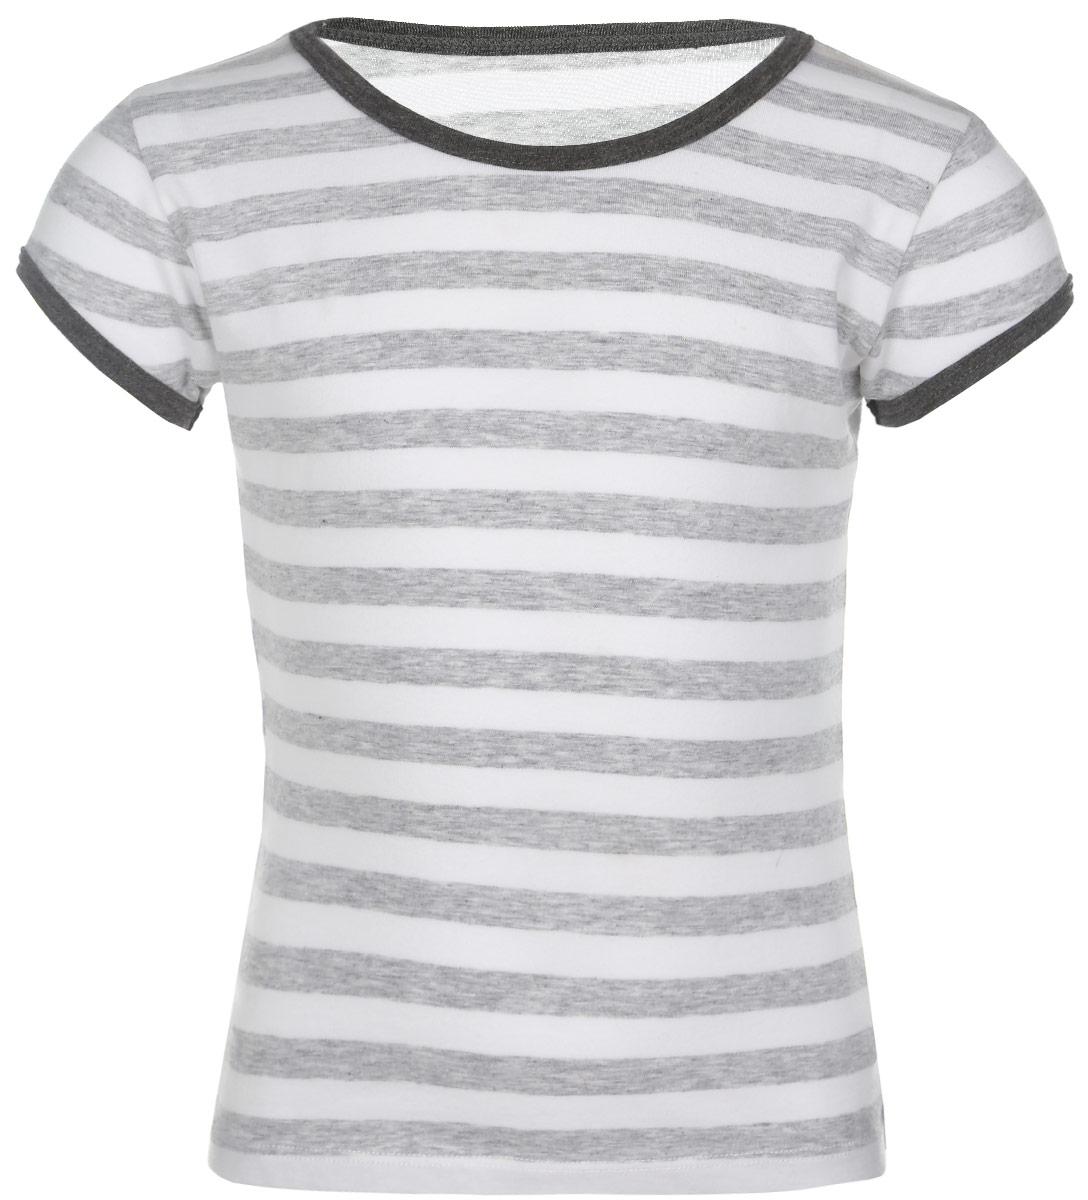 Футболка для девочки Lowry, цвет: серый меланж, белый. GF-130. Размер S (98/104) плавки мужские lowry цвет черный фиолетовый msb 1 размер l 48